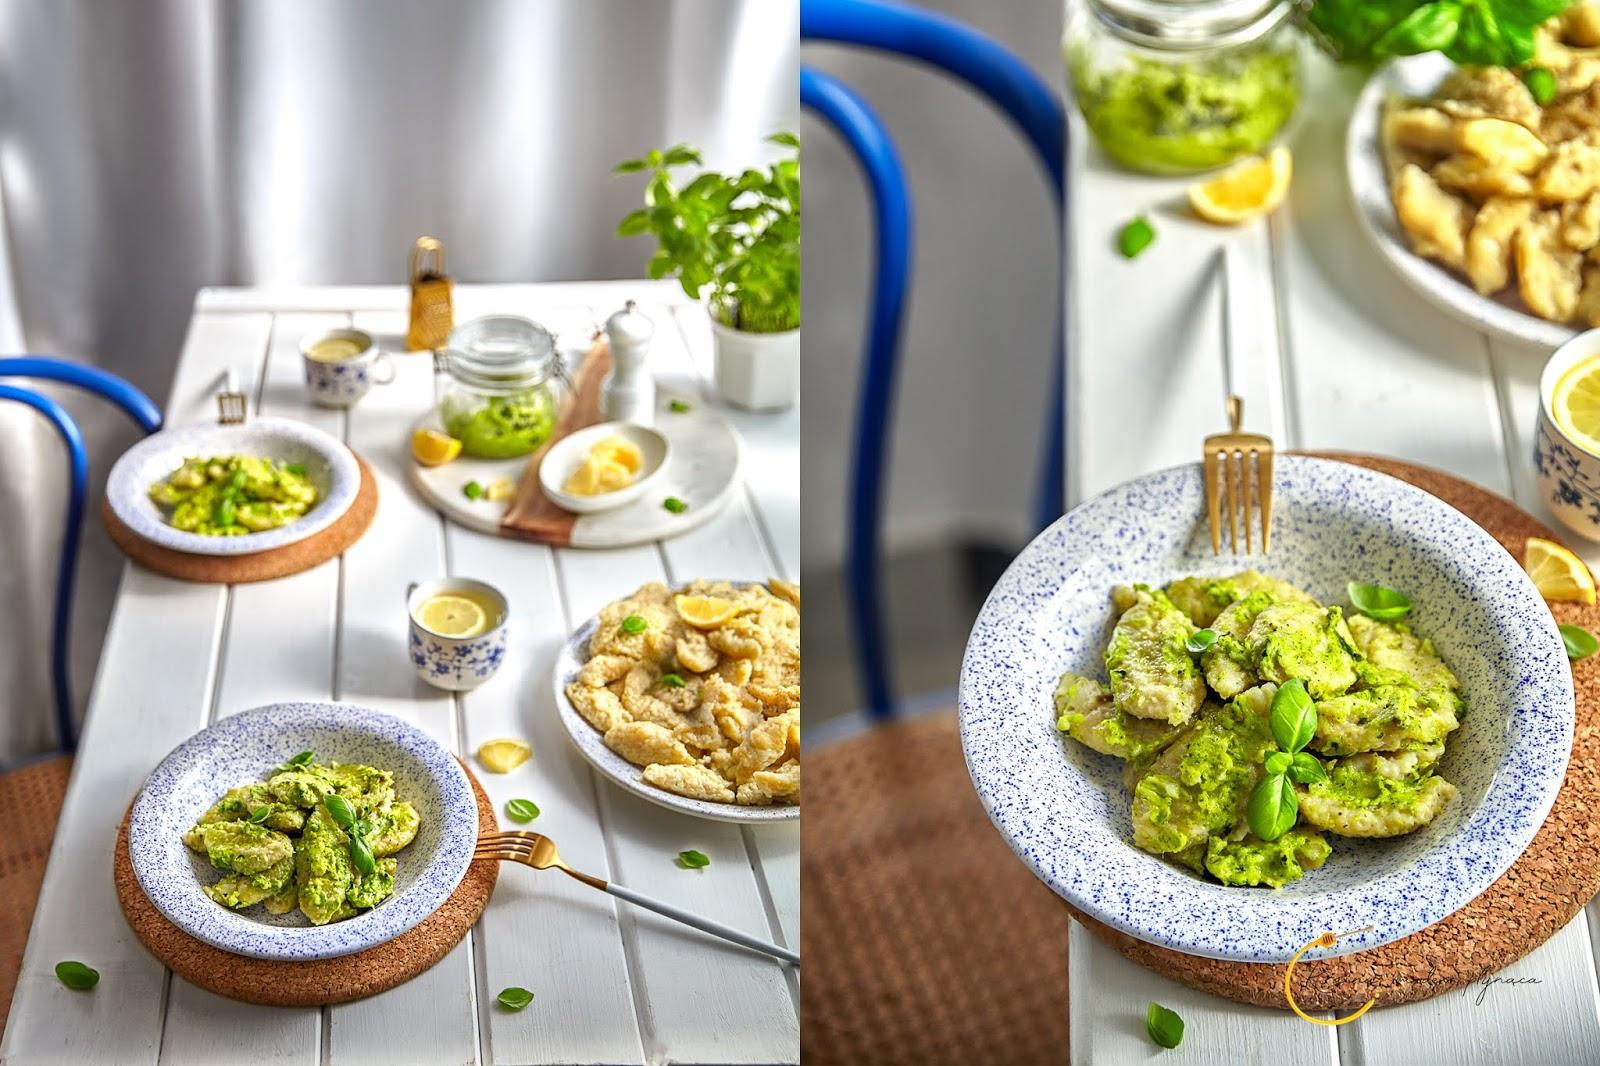 szare kluski, pesto bazyliowe, kluski z ziemniaków, pesto z bazylii, wege obiad, wegetariański obiad, polska kuchnia, kraina miodem płynąca